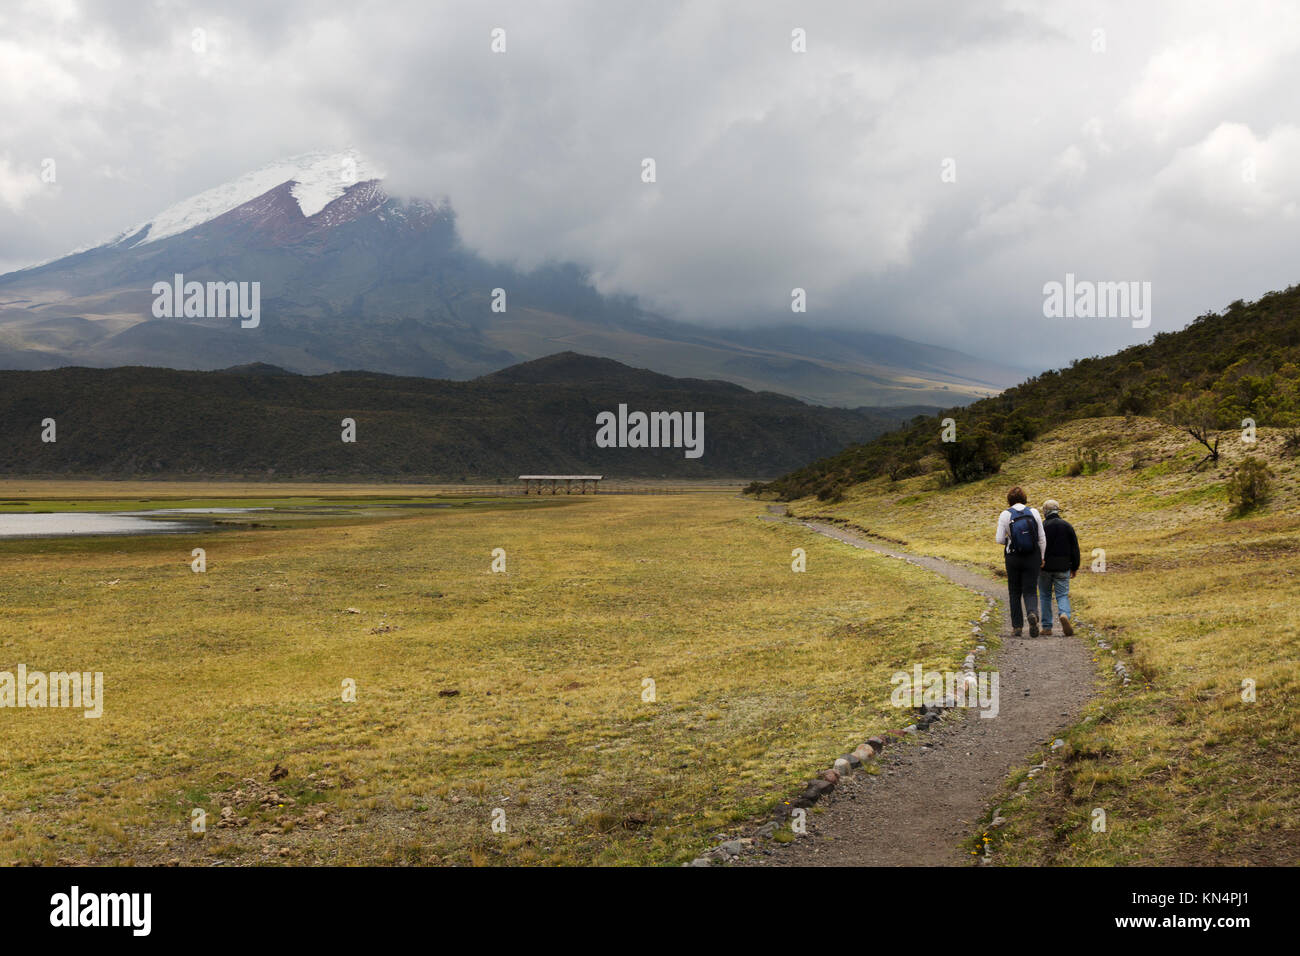 Cotopaxi Nationalpark, Ecuador - Menschen zu Fuß im Park, Ecuador, Südamerika Stockbild